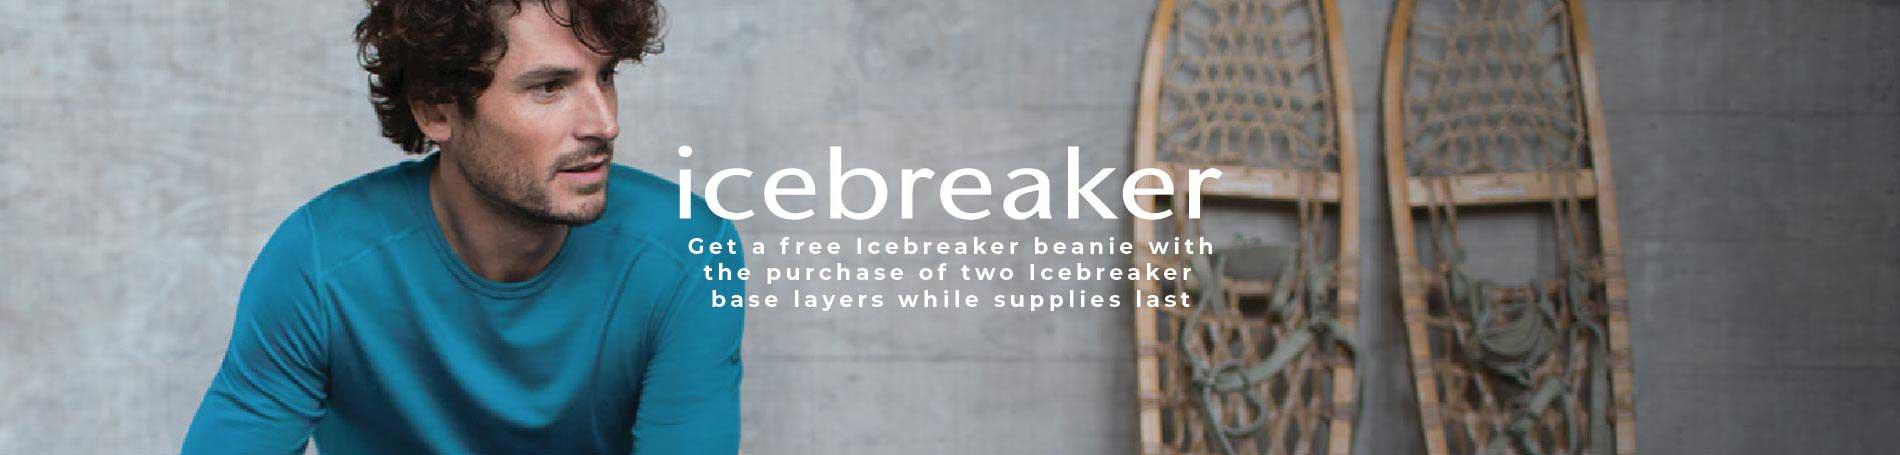 icebreaker-brand-updated-1-.jpg